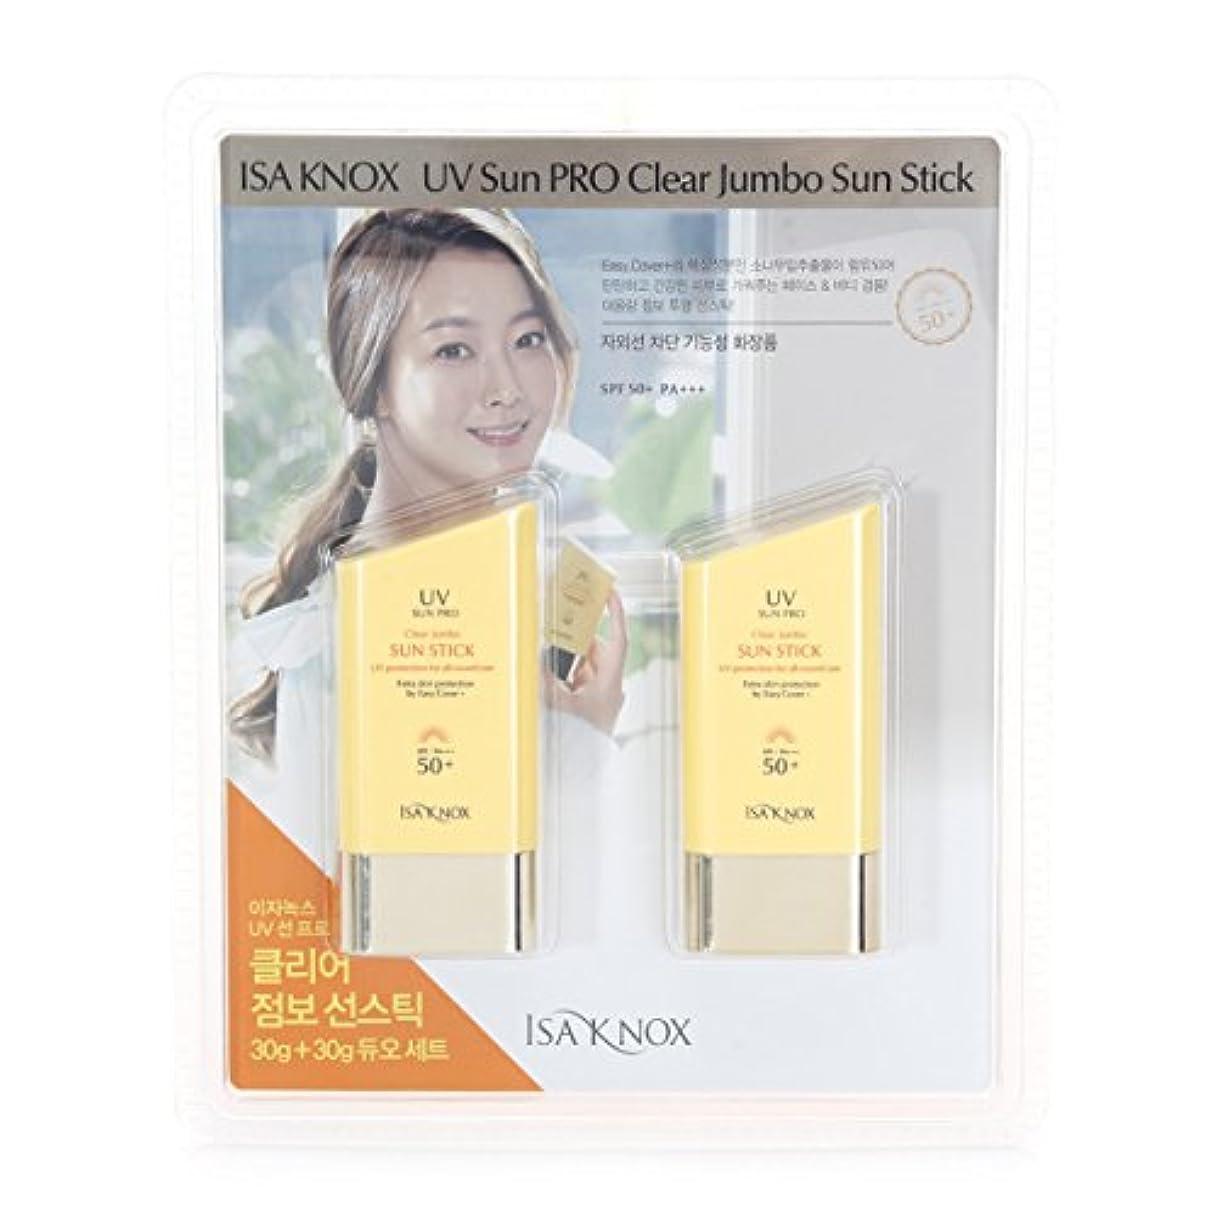 連隊ローラー世論調査[イザノックス / ISA KNOX] UVサンプロクリアジャンボサンスティック 30g×2個セット / ISA KNOX Sun Pro Clear Jumbo Sun Stick / SPF50+ PA++ / クリアスティック...